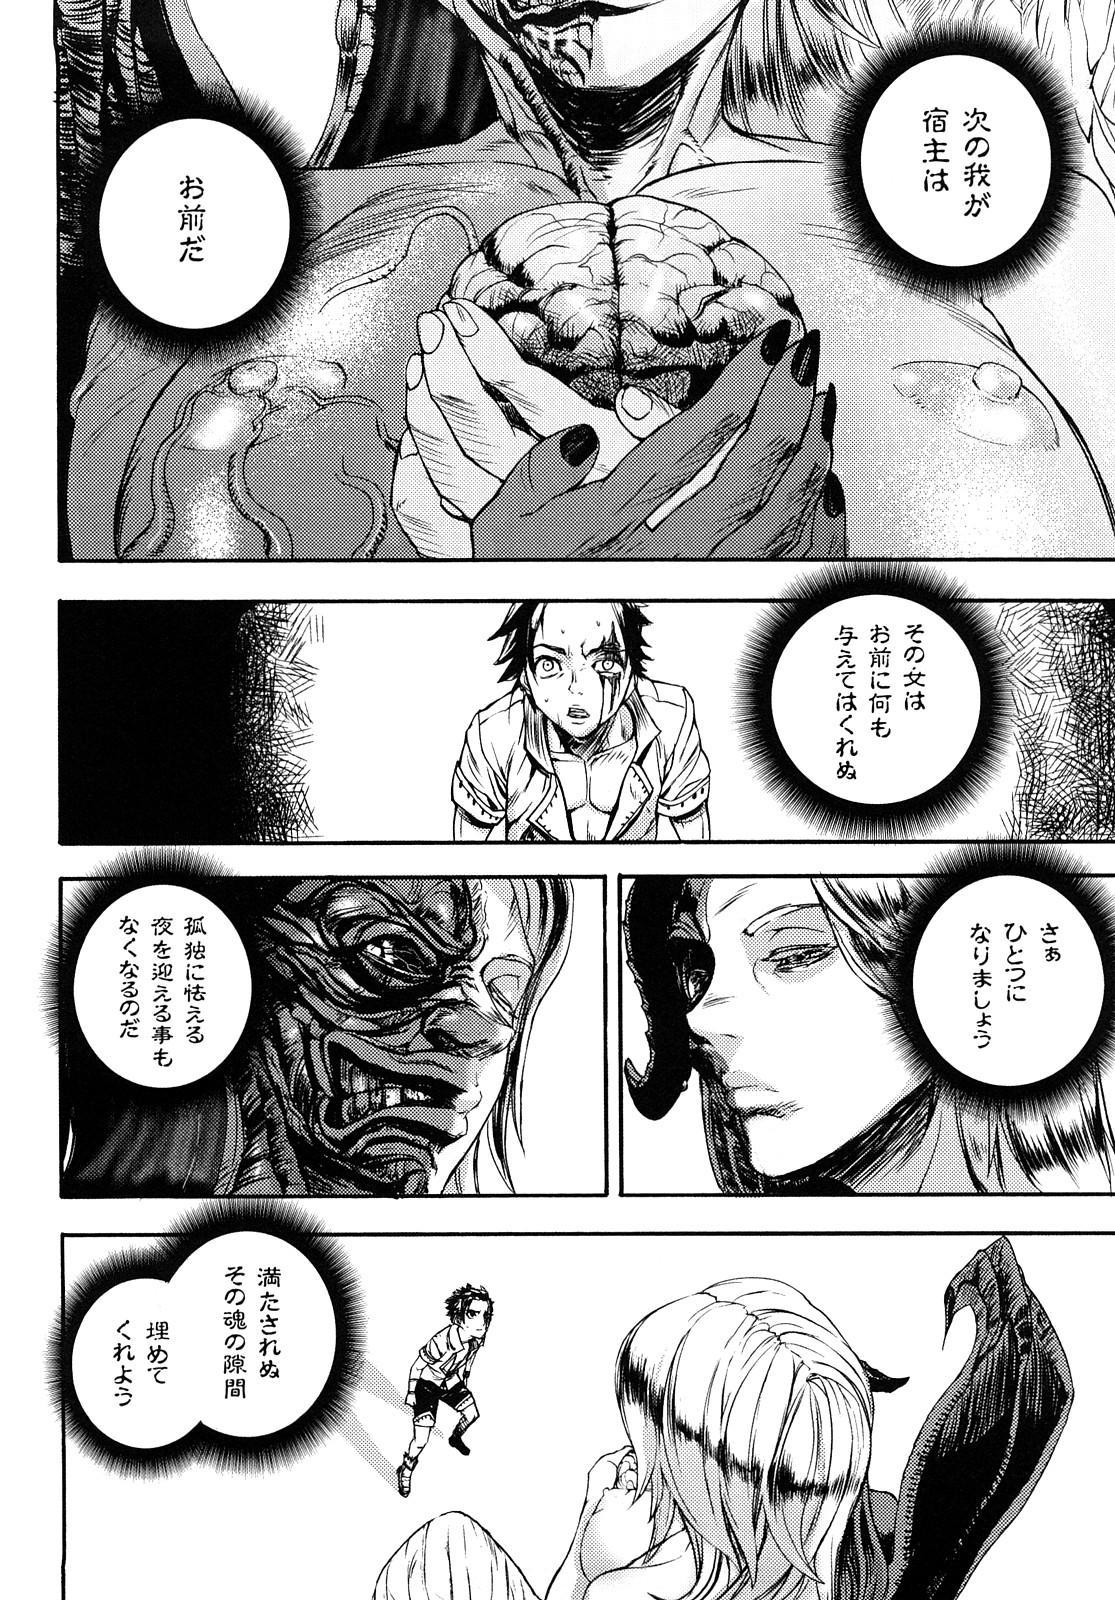 Cerberum no Hitsugi Haitoku no Hanmegami - The Coffin of Cerebrum Immoral Demivenus 88